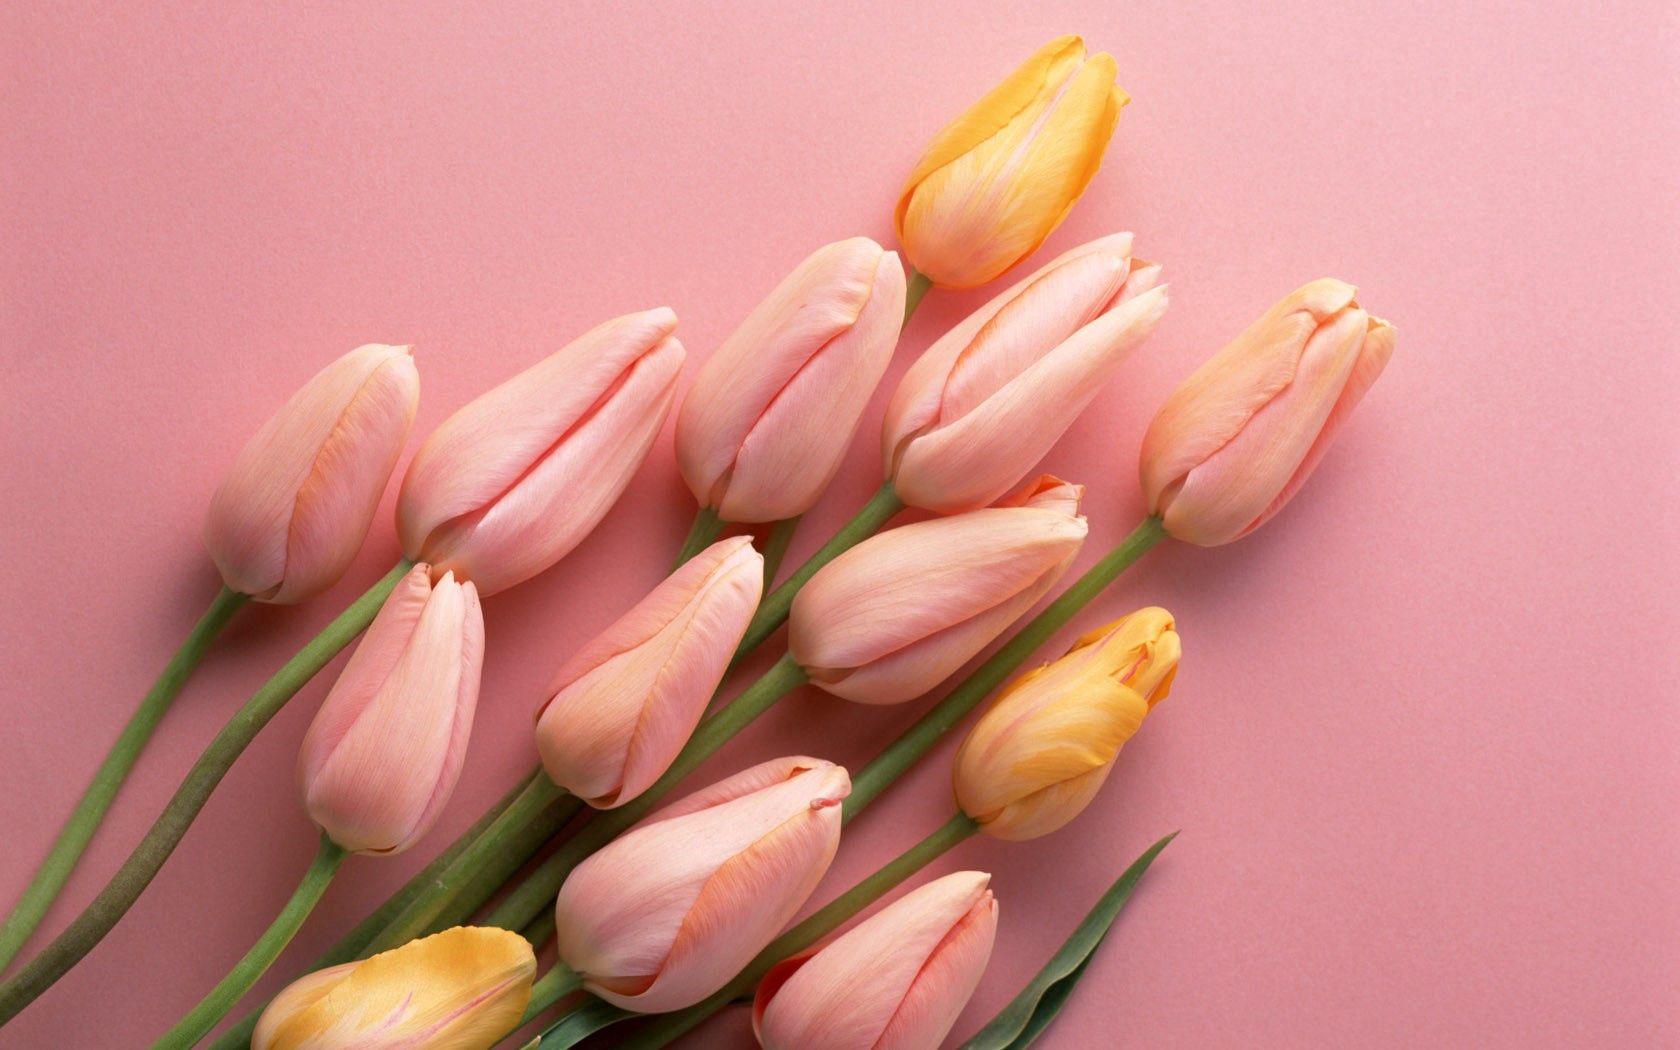 98674 descargar fondo de pantalla Flores, Tumbarse, Mentir, Cogollos, Brotes, Tulipanes: protectores de pantalla e imágenes gratis